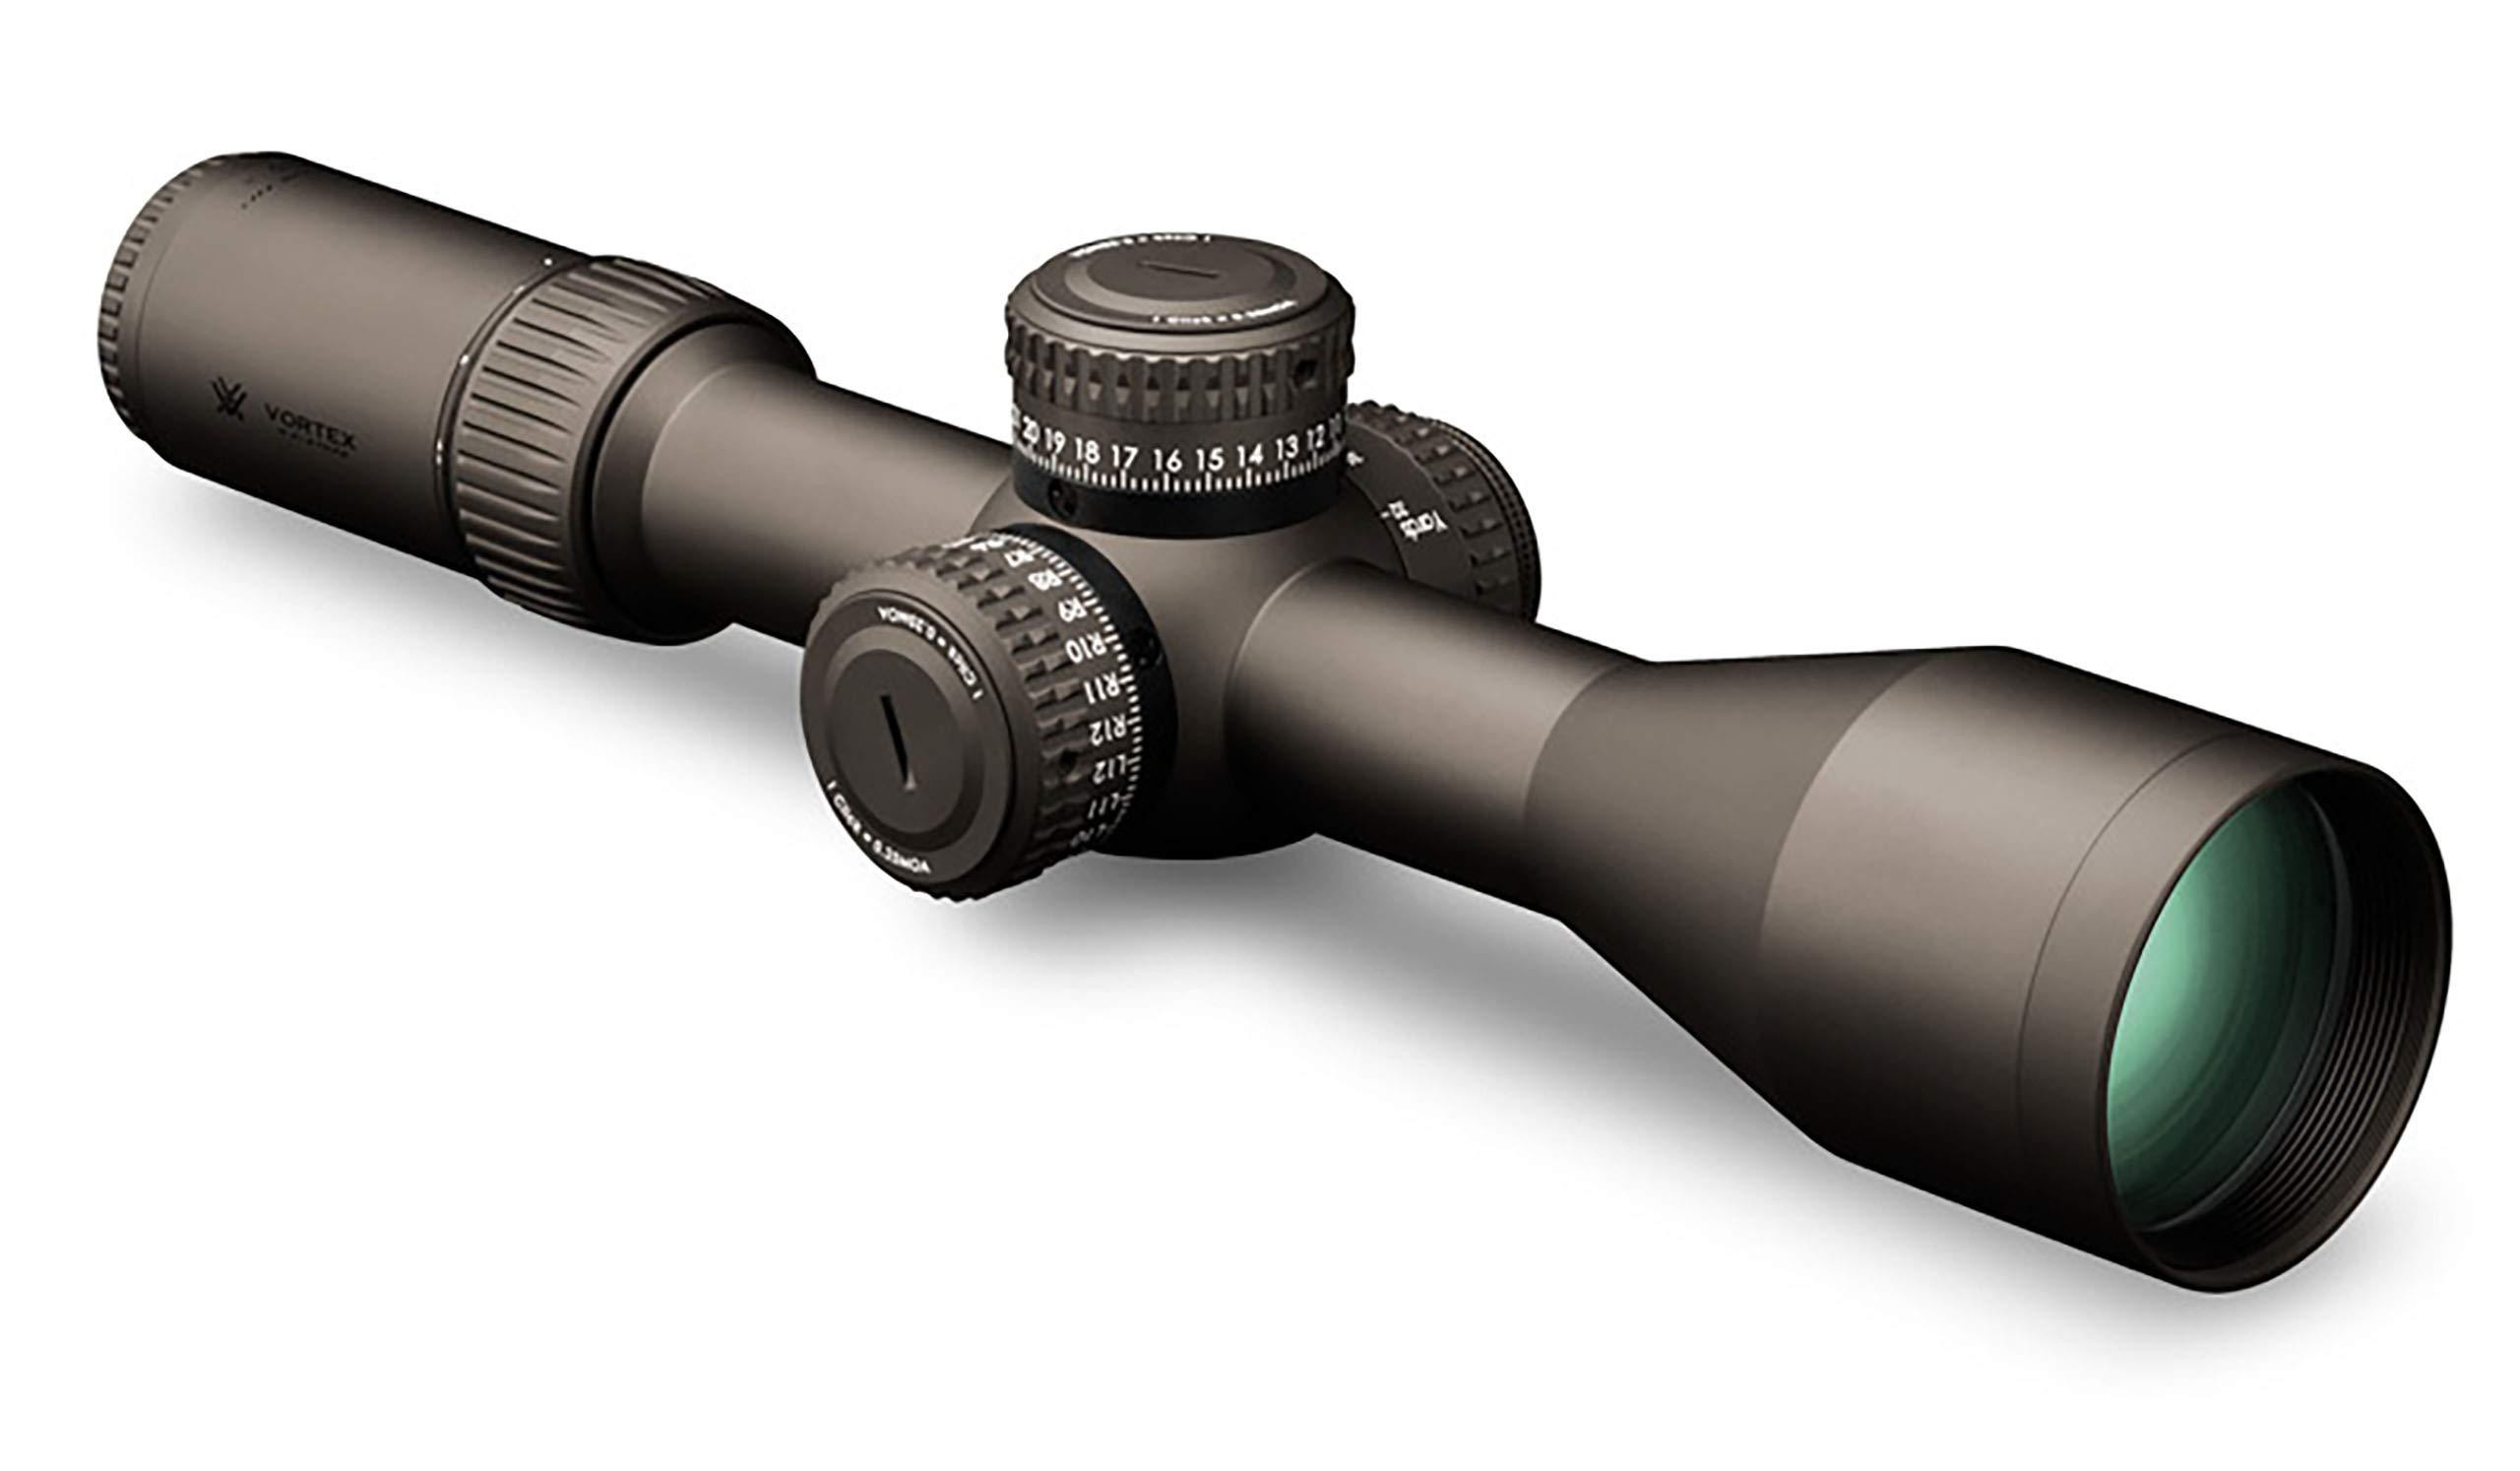 Vortex Optics Razor HD Gen II 4.5-27x56 FFP Riflescope EBR-7C MOA by Vortex Optics